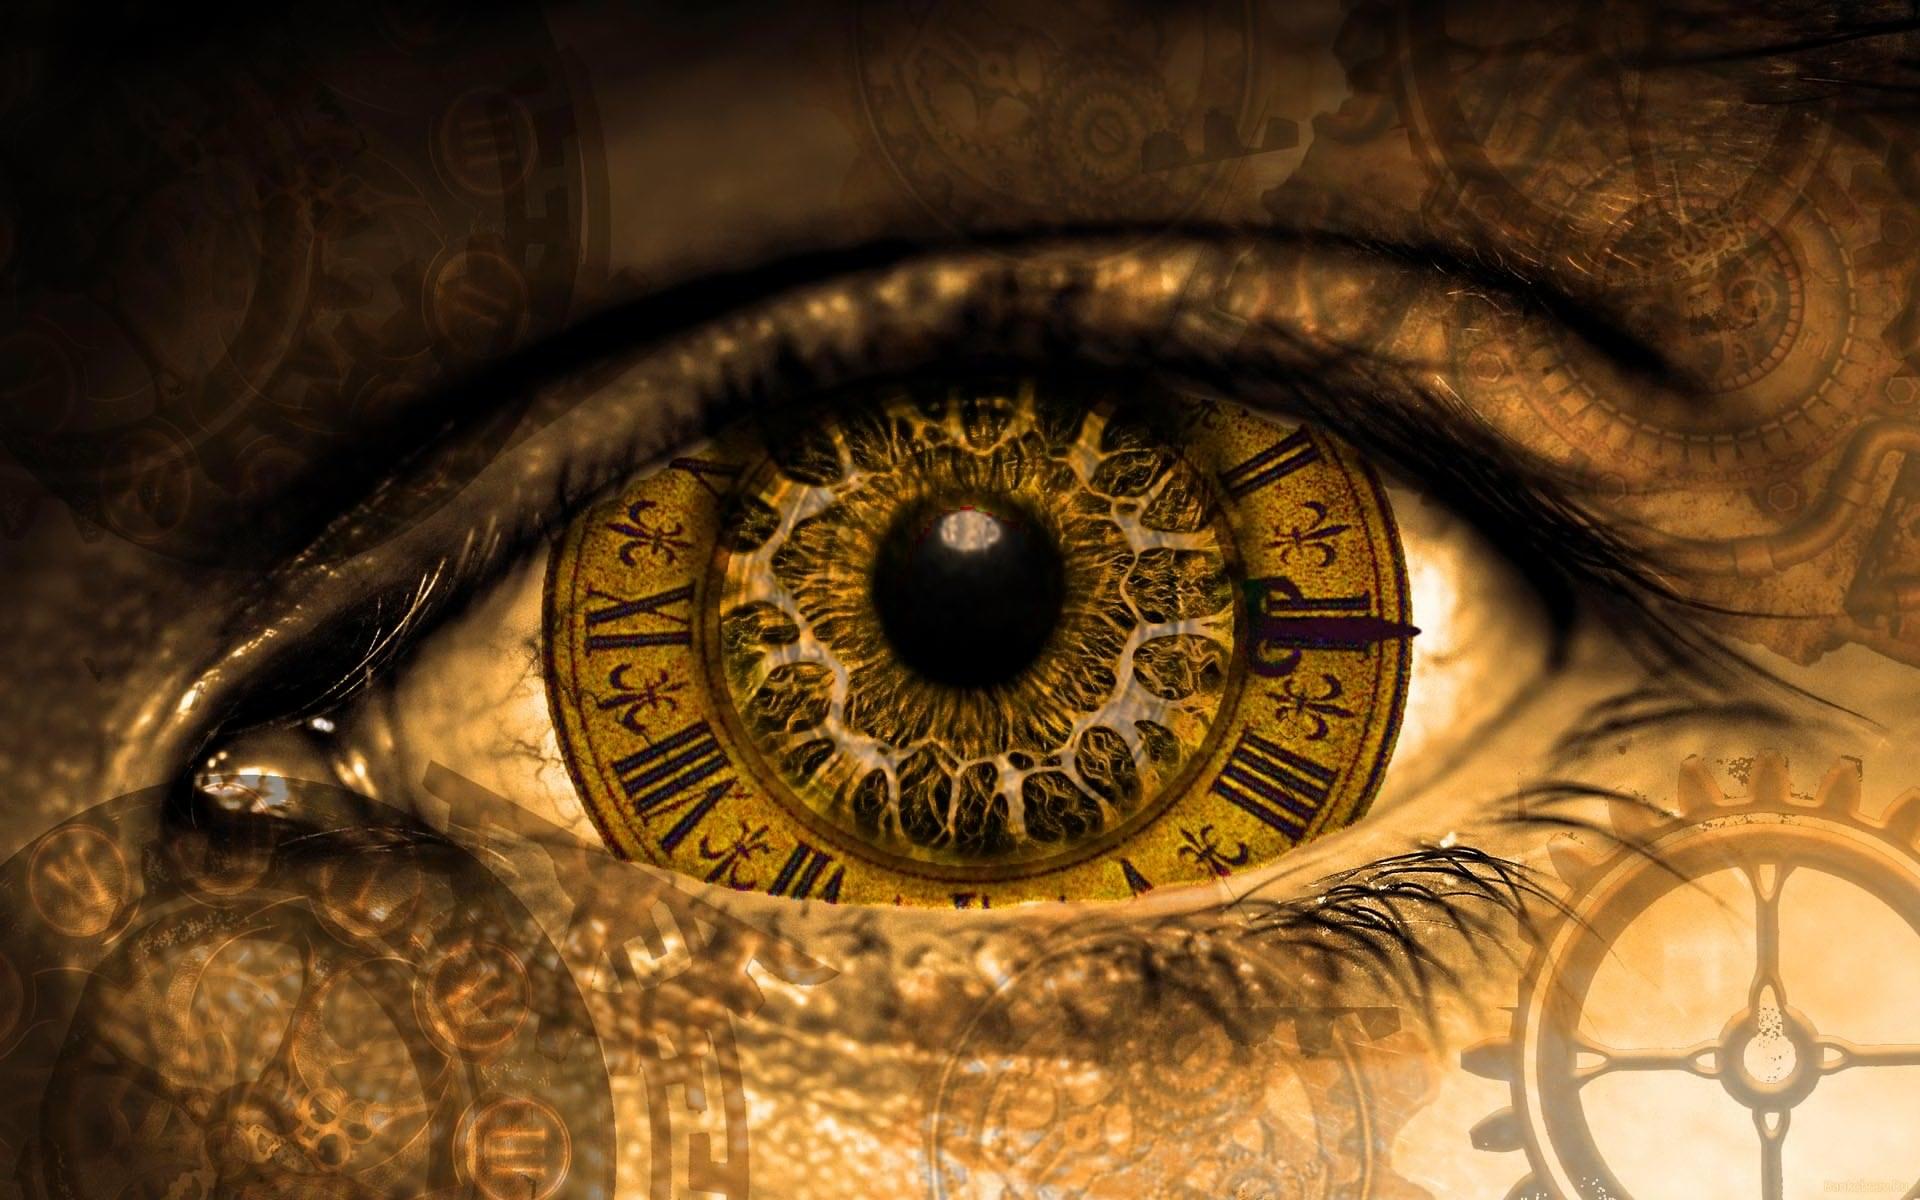 زندگی در گذر زمان - دکتر طباطبایی